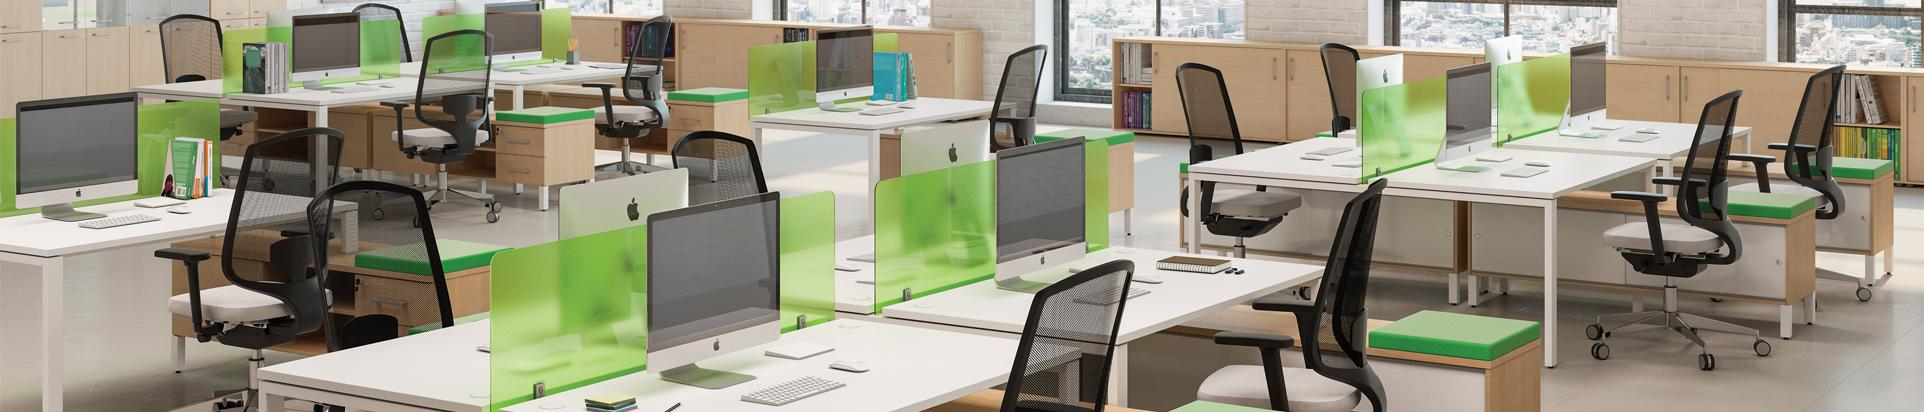 Создание современных офисных интерьеров